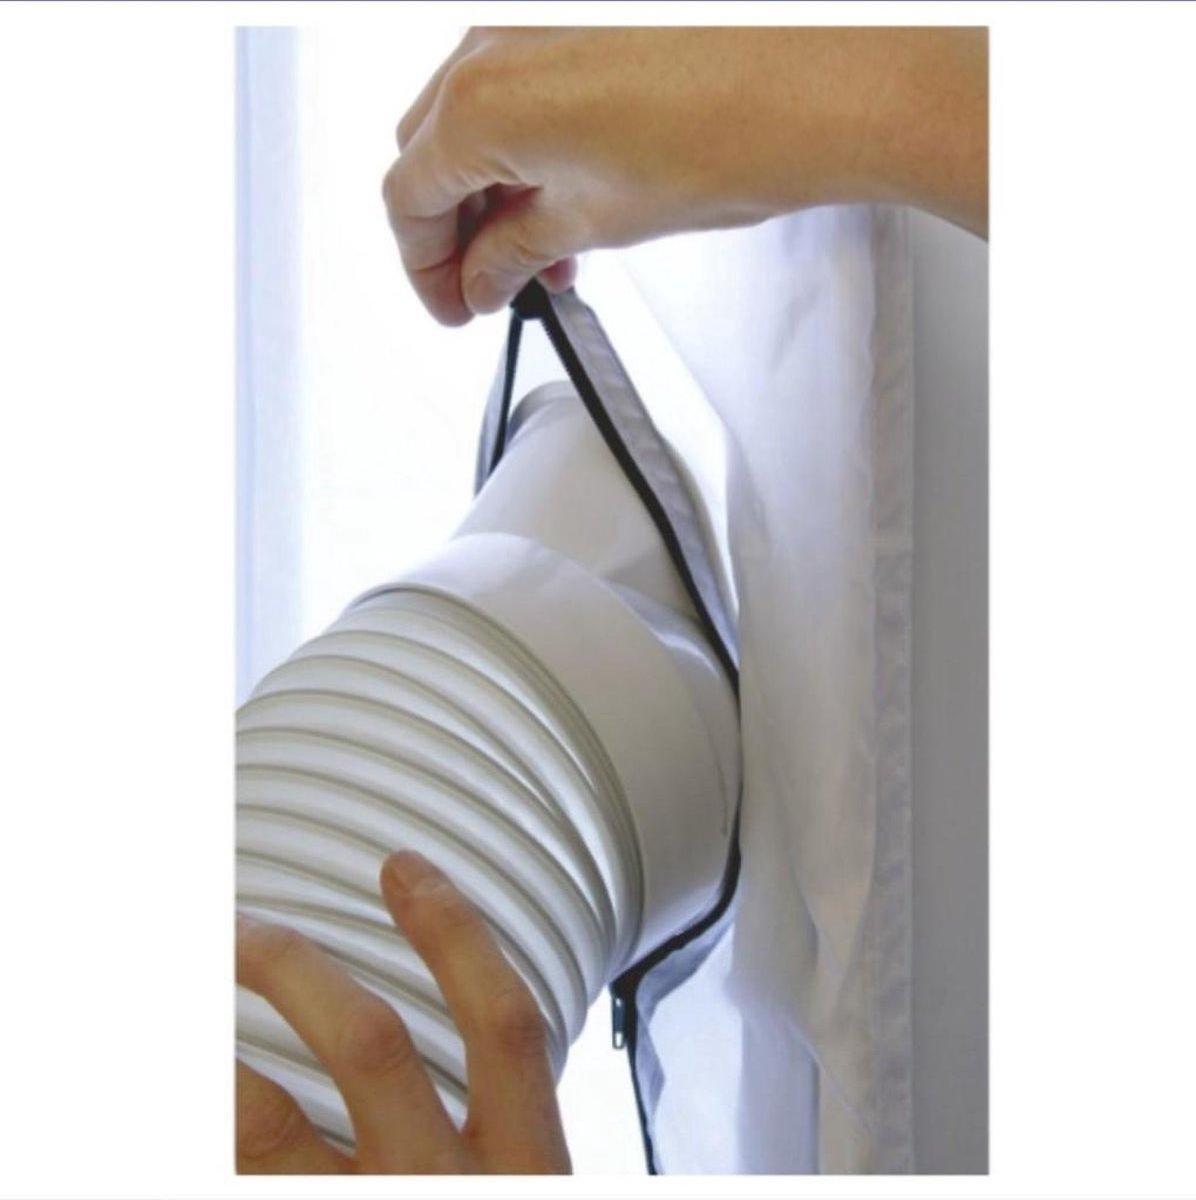 Universele Raamafdichting set voor Mobiele Airco - Airlock - Ook tegen insecten - deur of raam tot 4